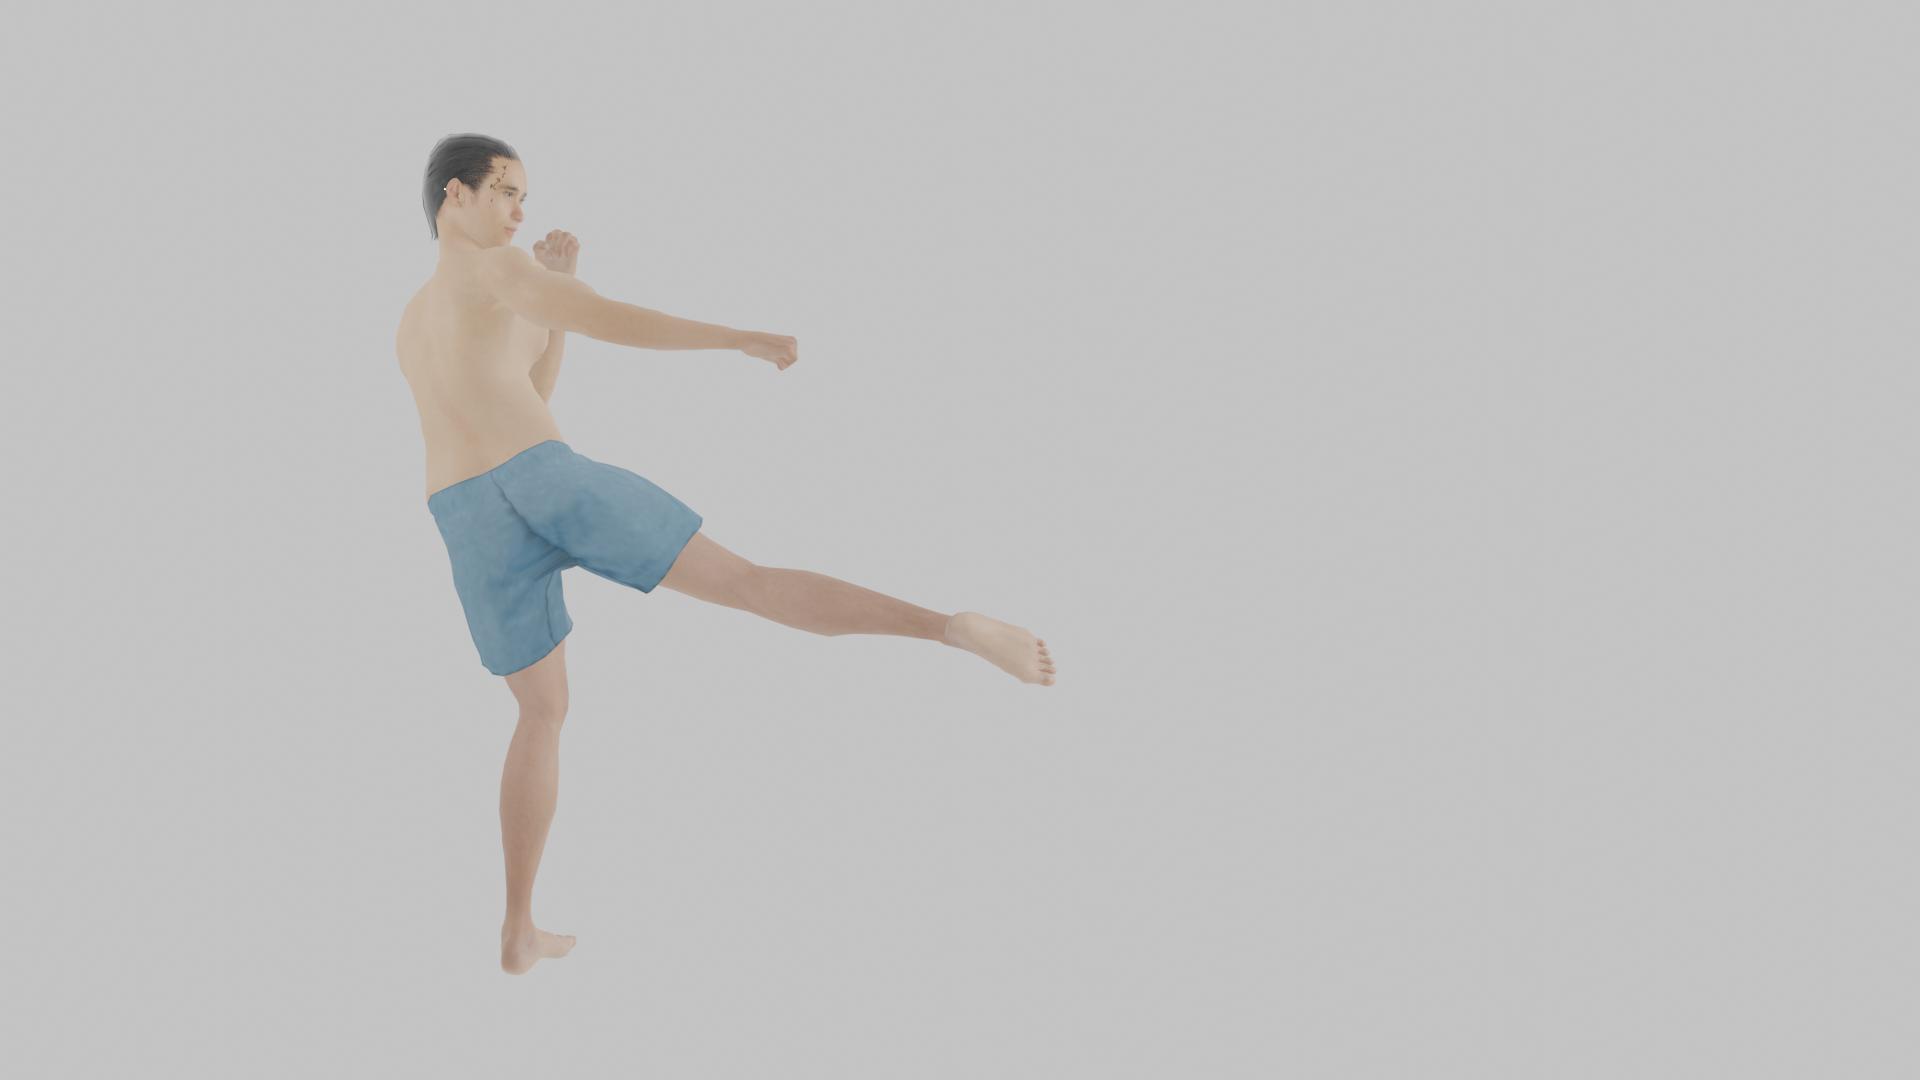 膝を曲げて蹴り足を持ち上げて、身体を回して膝から先の足を放つラウンドハウスキック